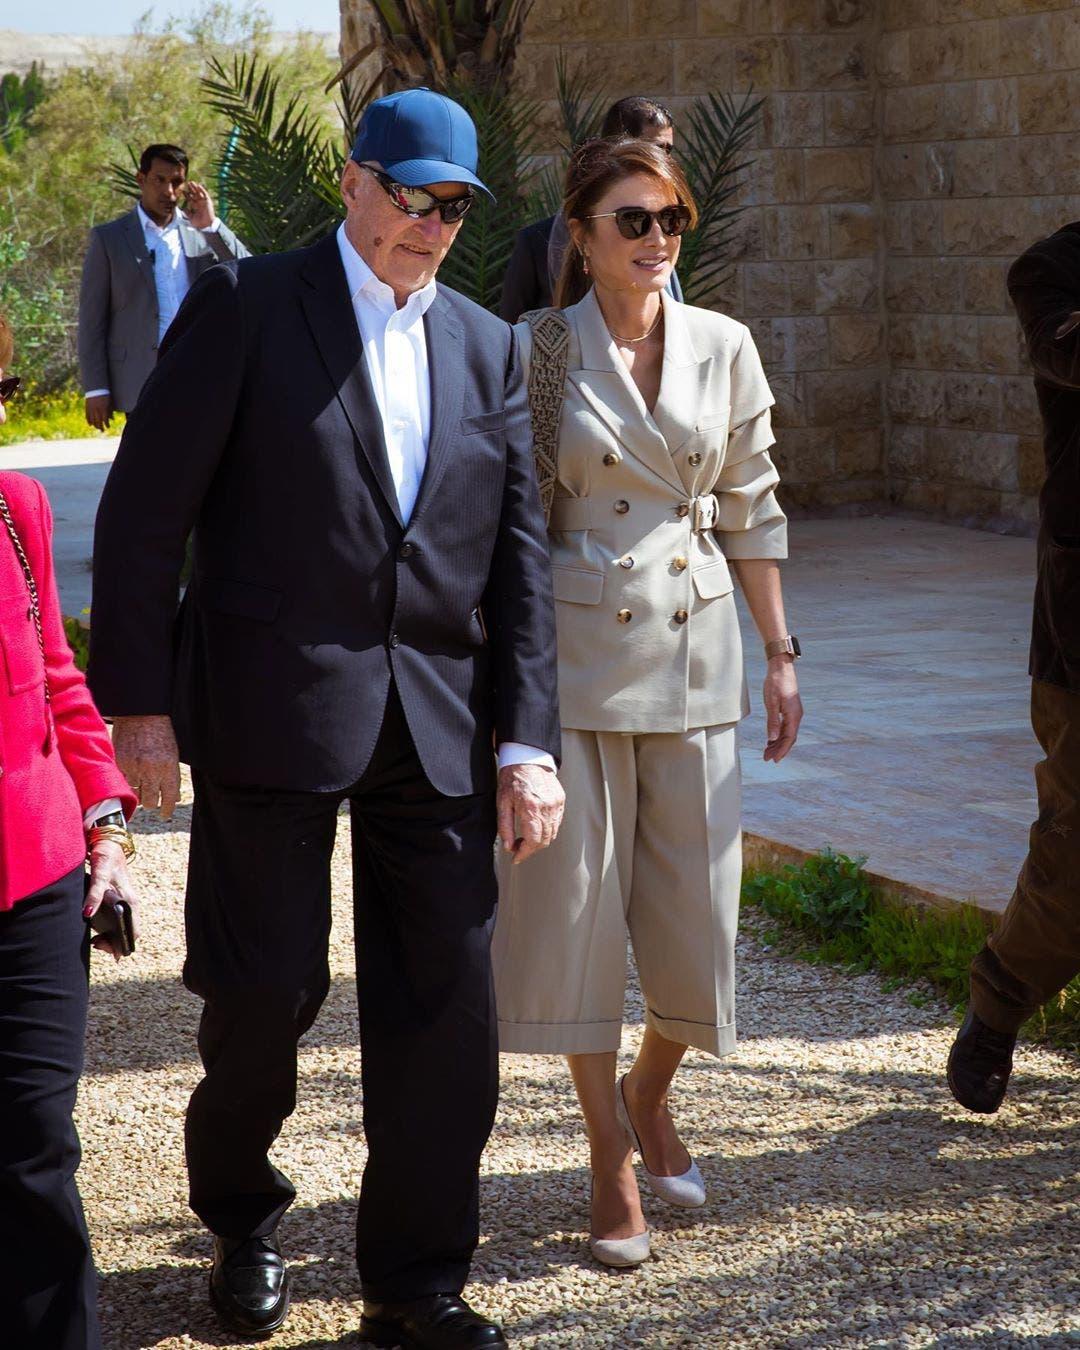 الملكة رانيا برفقة هارالد ملك النرويج